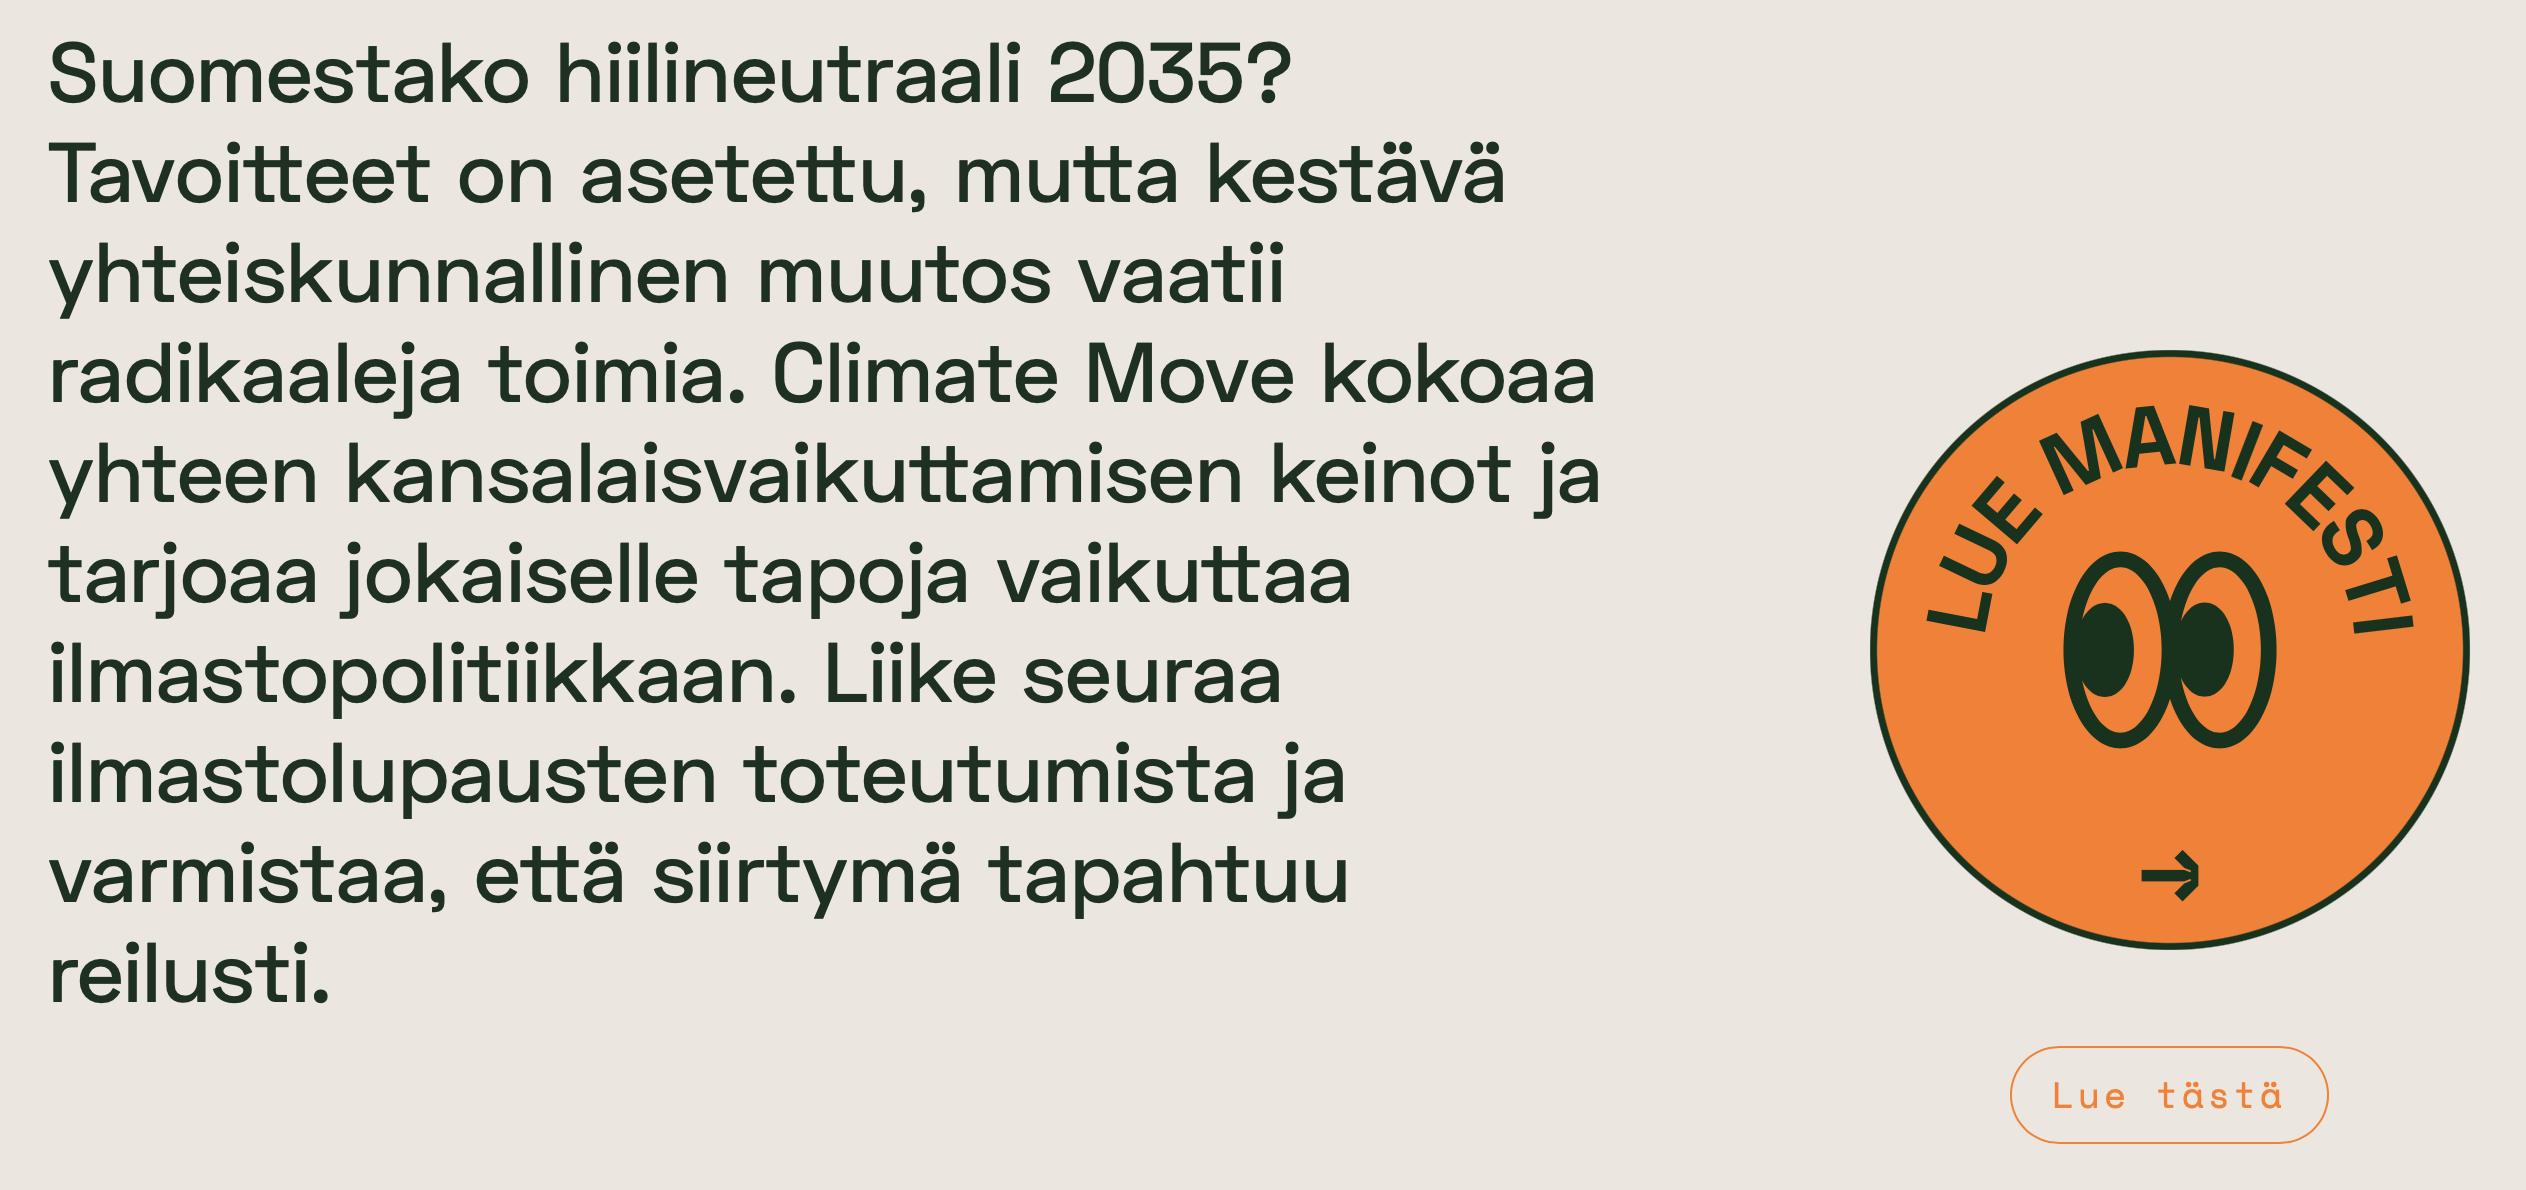 climate move, ilmastonmuutos, ilmasto, aktivistmi, hiilineutraali